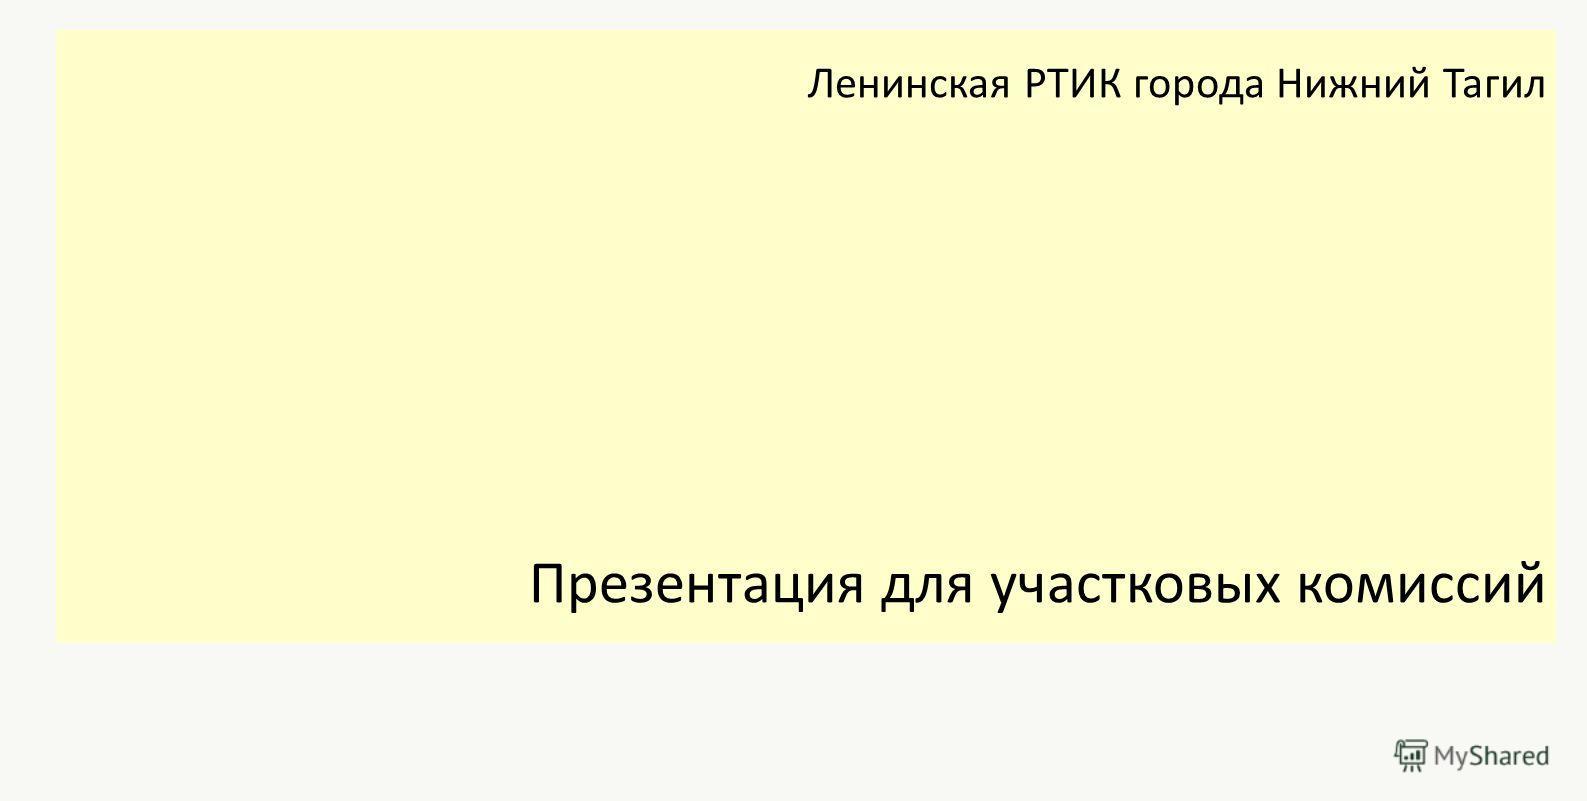 Ленинская РТИК города Нижний Тагил Презентация для участковых комиссий